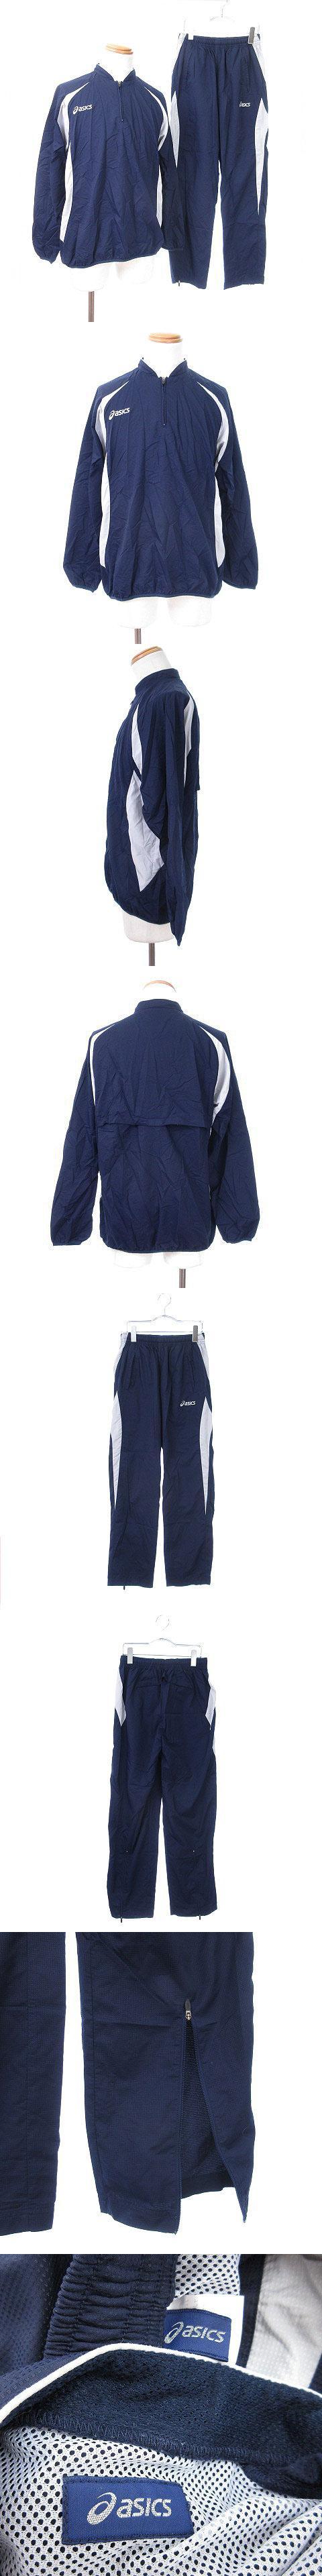 スポーツウェア セットアップ ナイロン L 紺 ネイビー ☆O☆ /ts0612